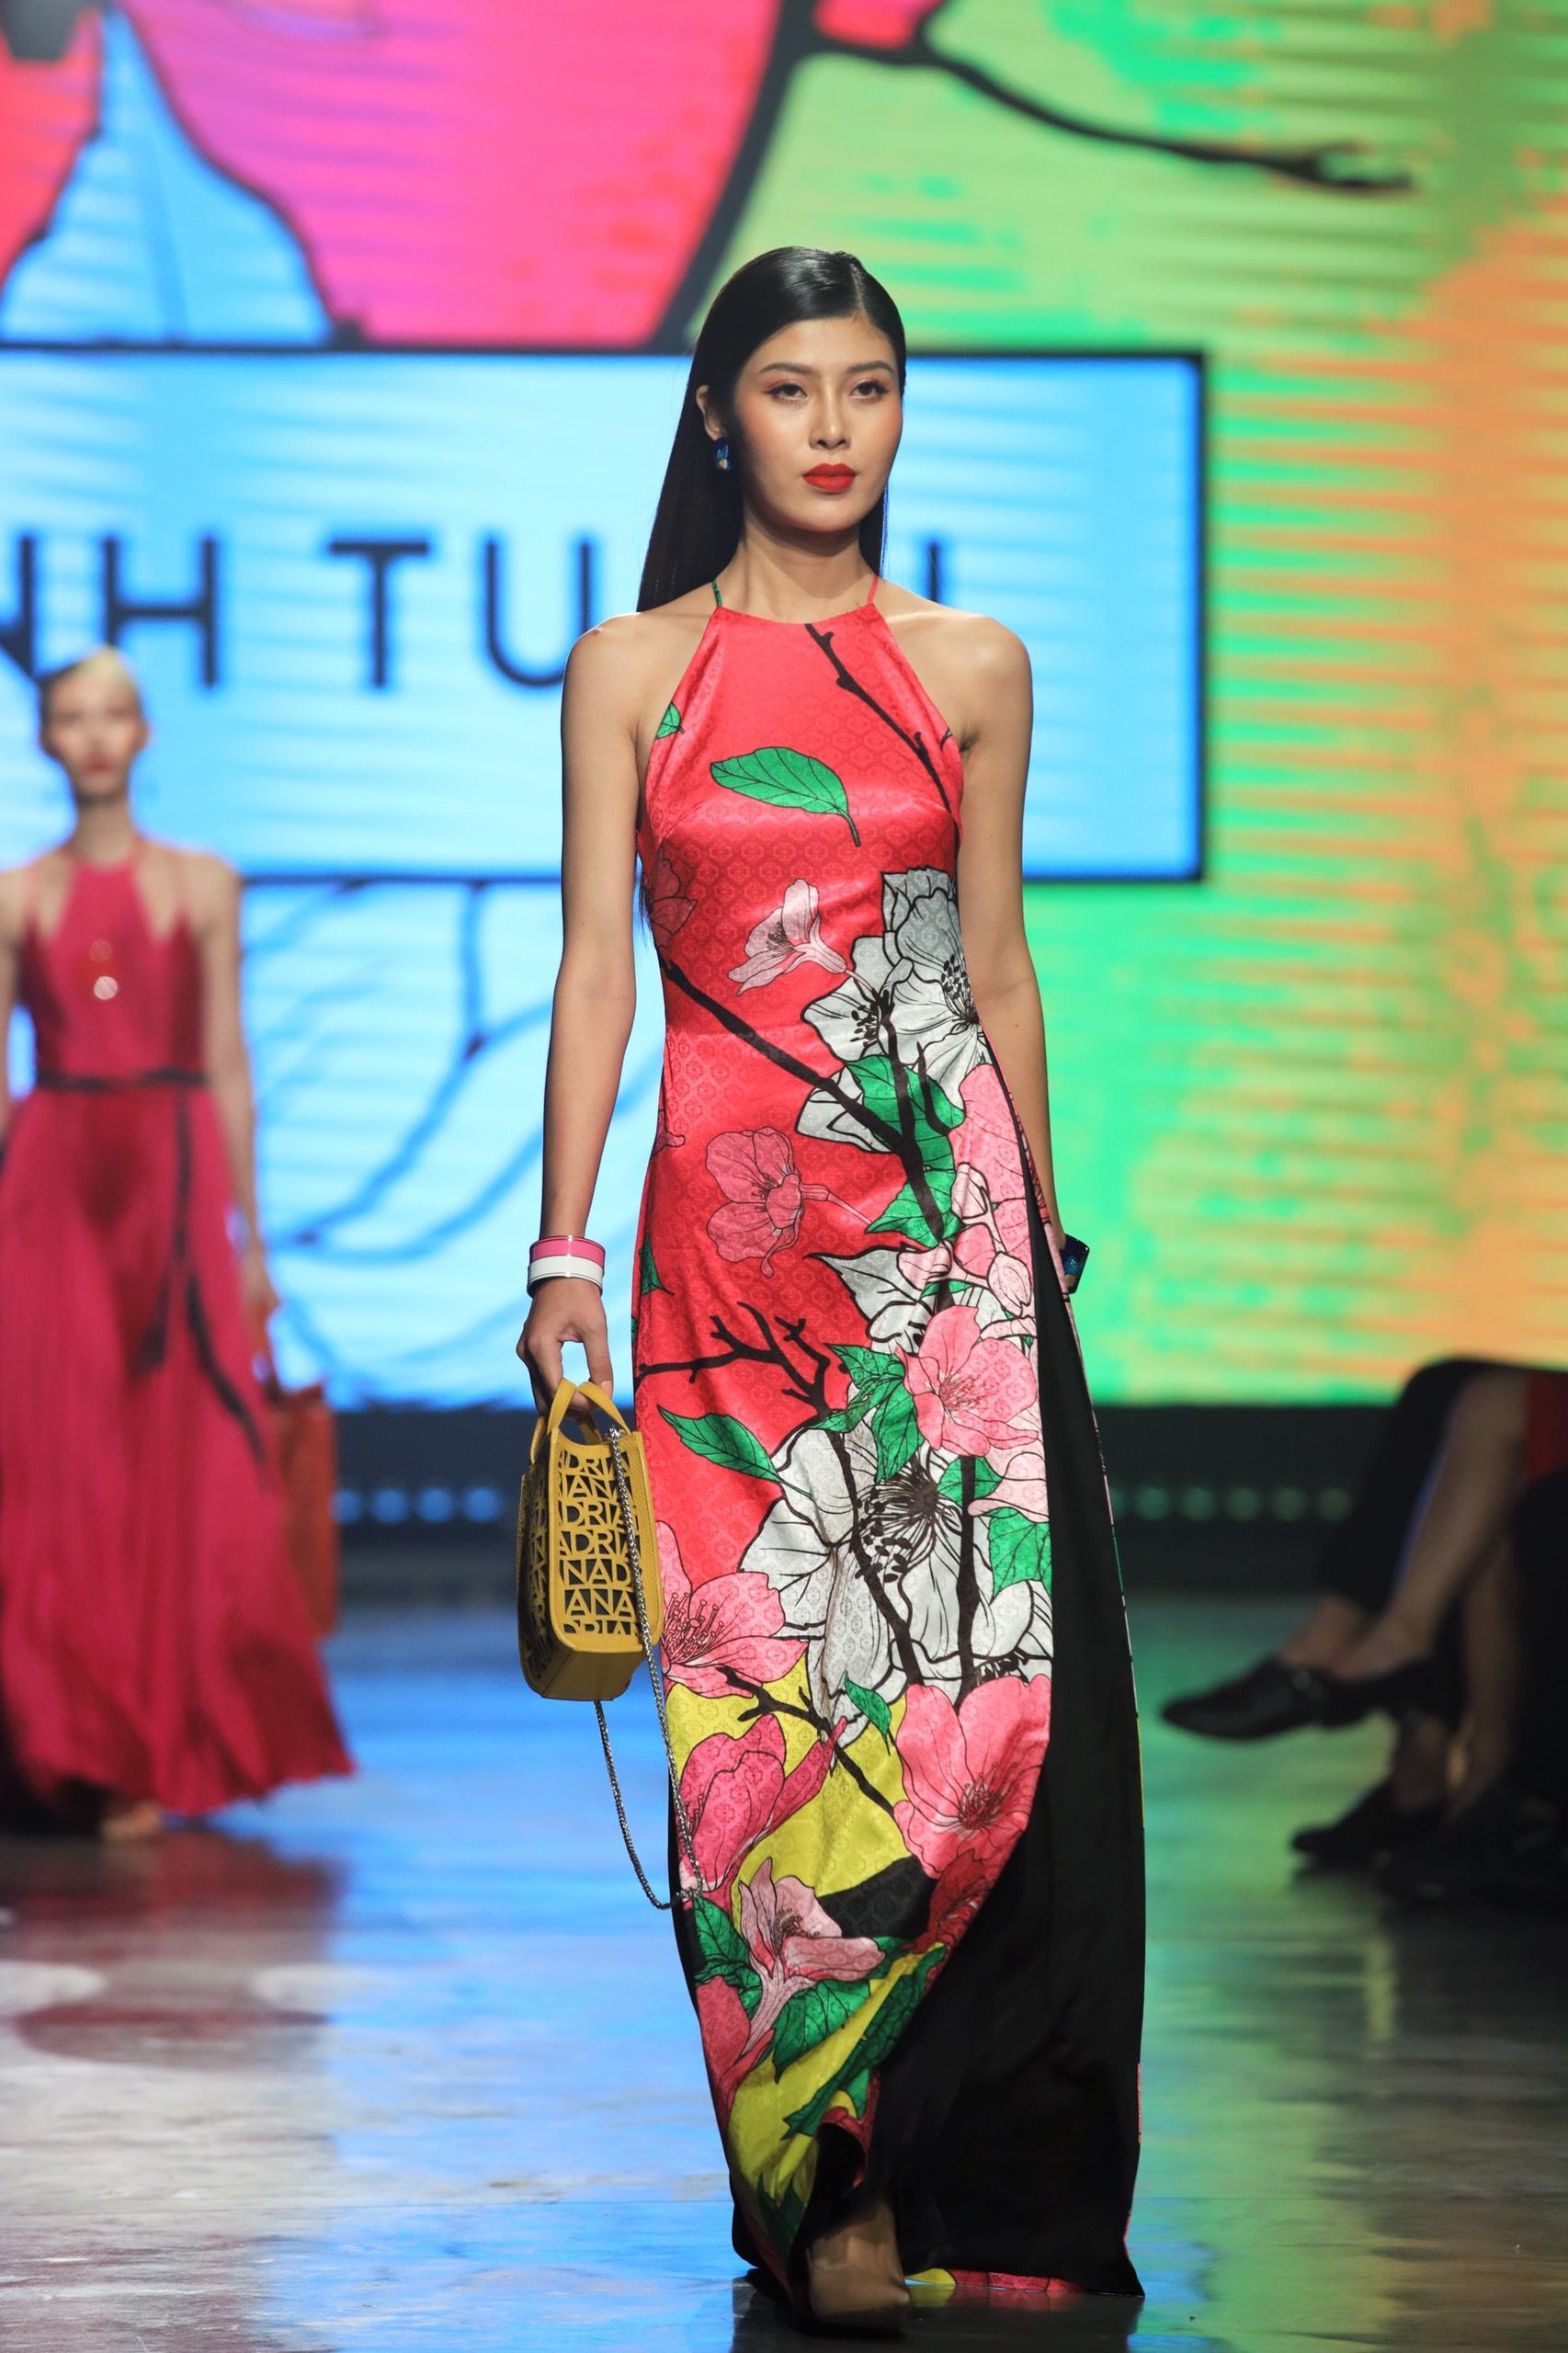 Hoa hậu Tiểu Vy mặc áo lưới gợi cảm trong show thời trang Ảnh 11